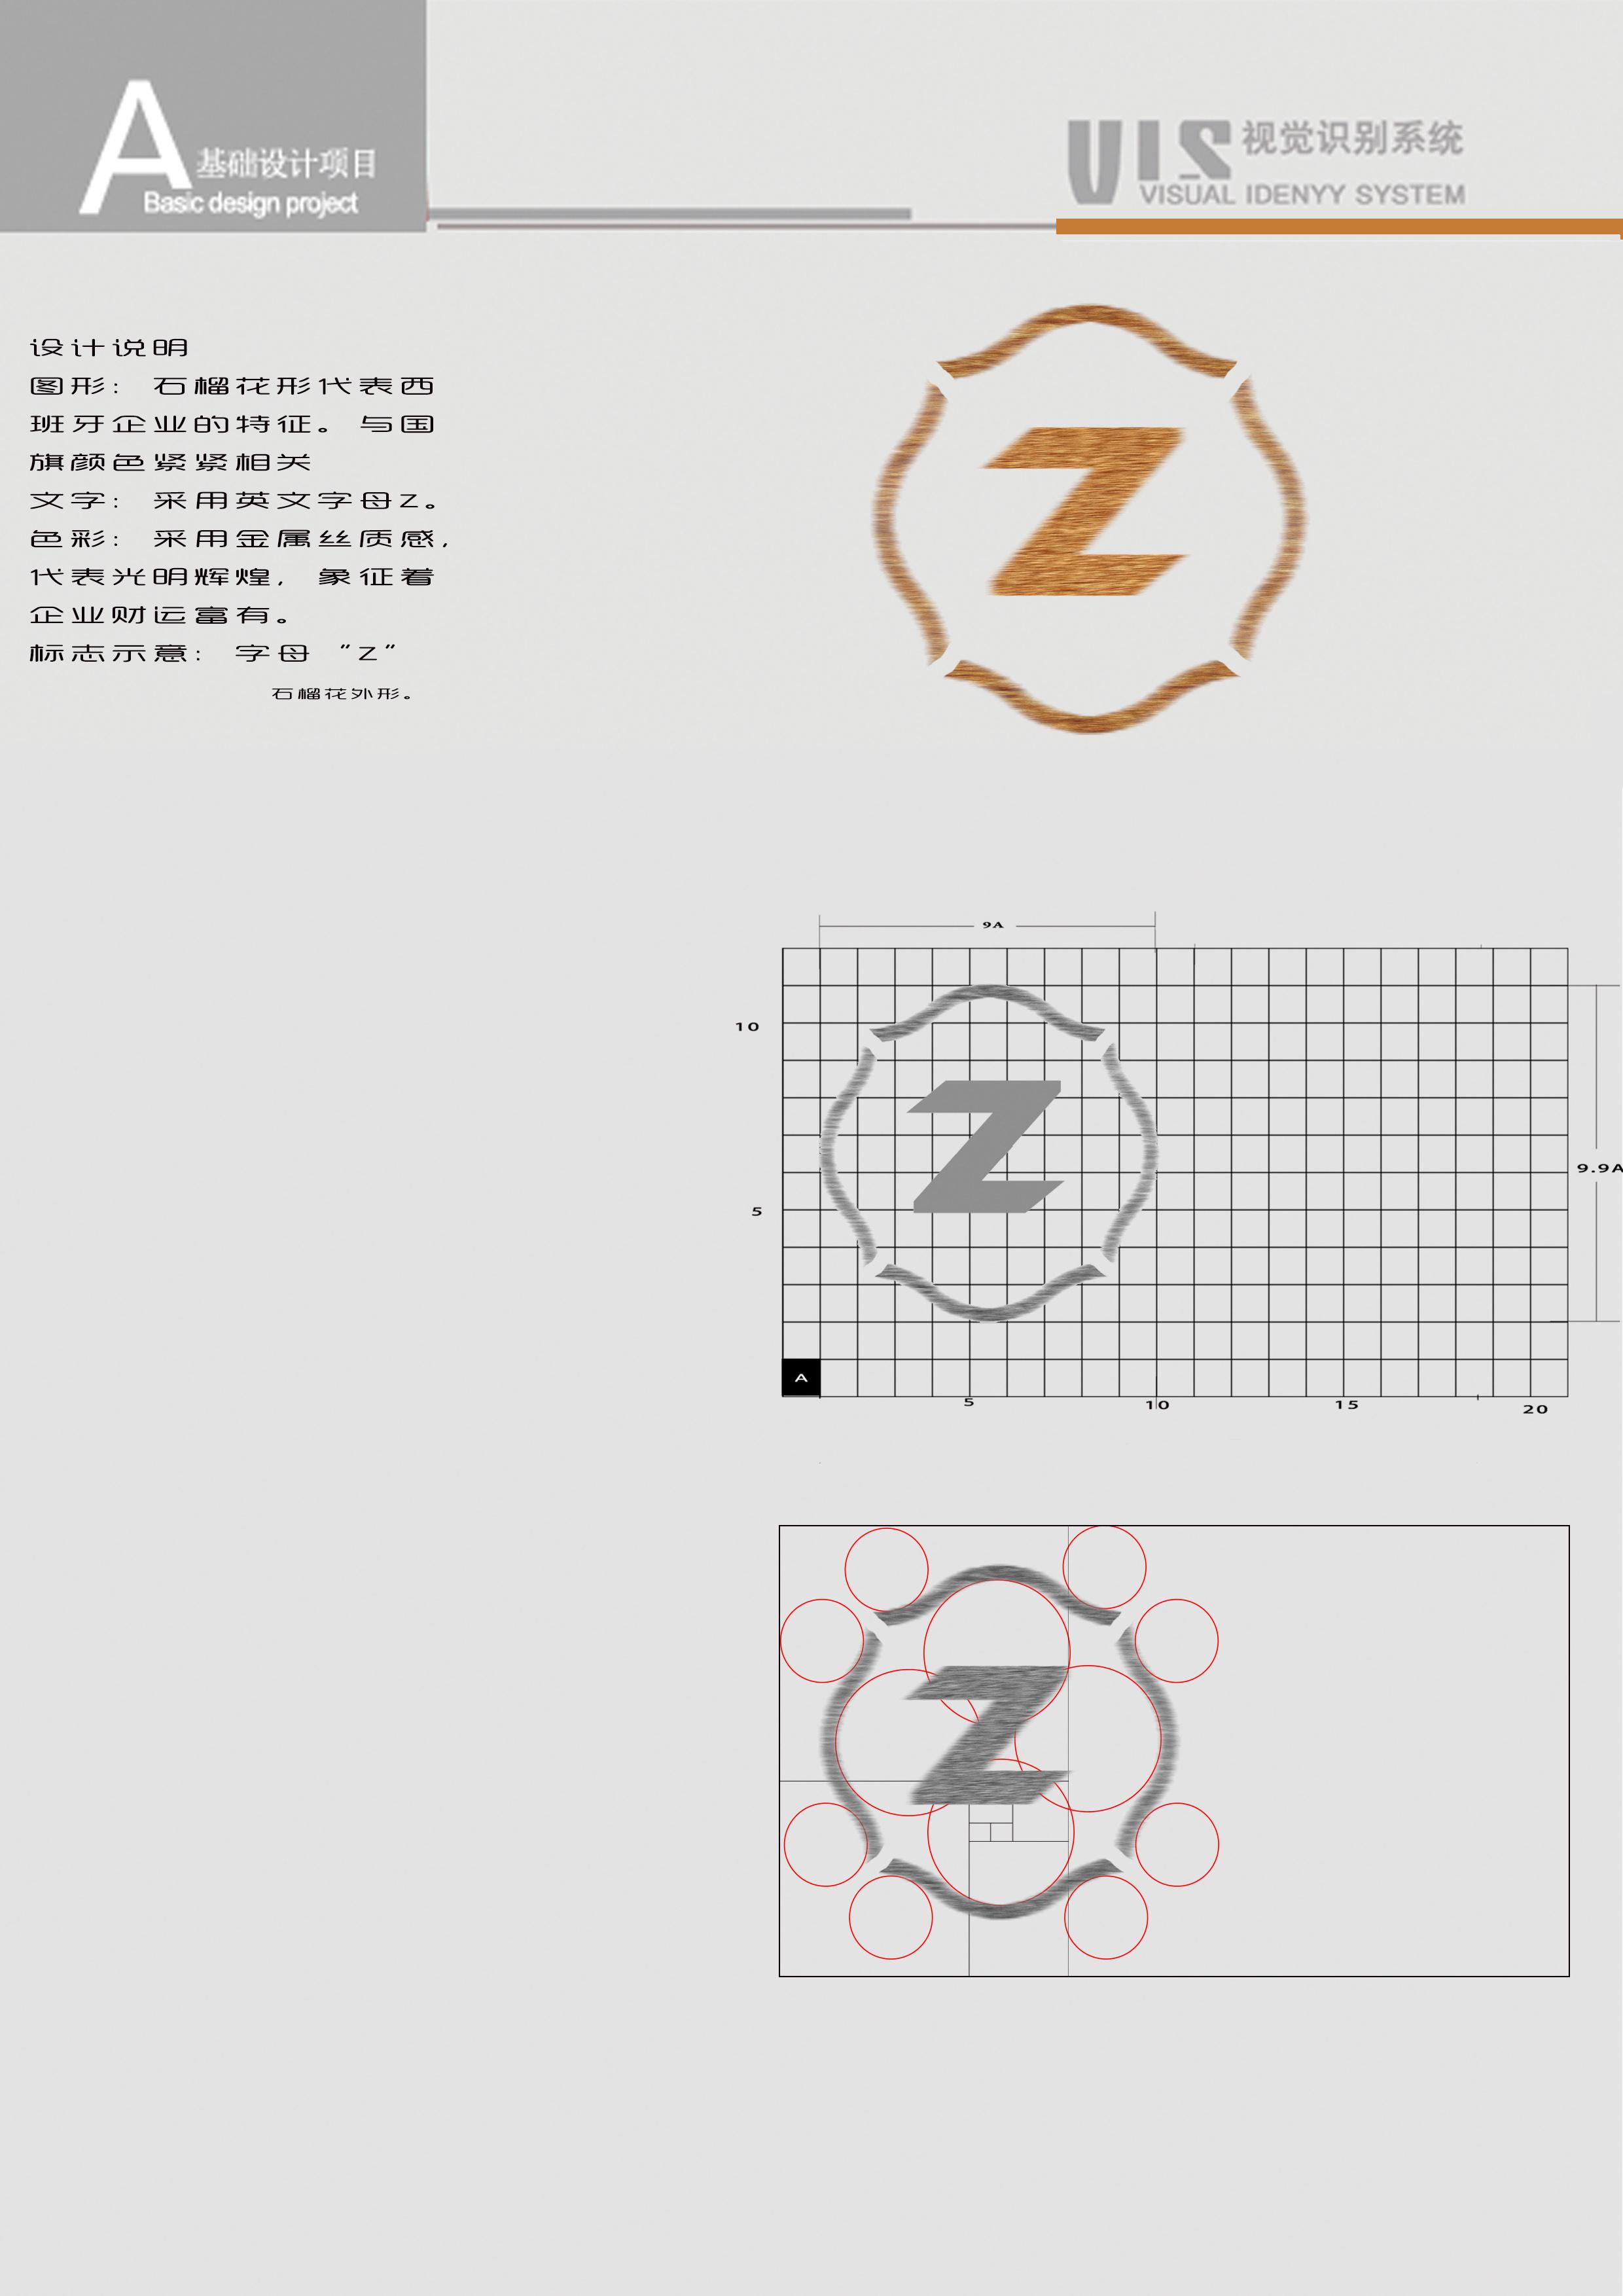 改良zara标志,金属丝的质感体现当代服装设计的流行趋势.图片